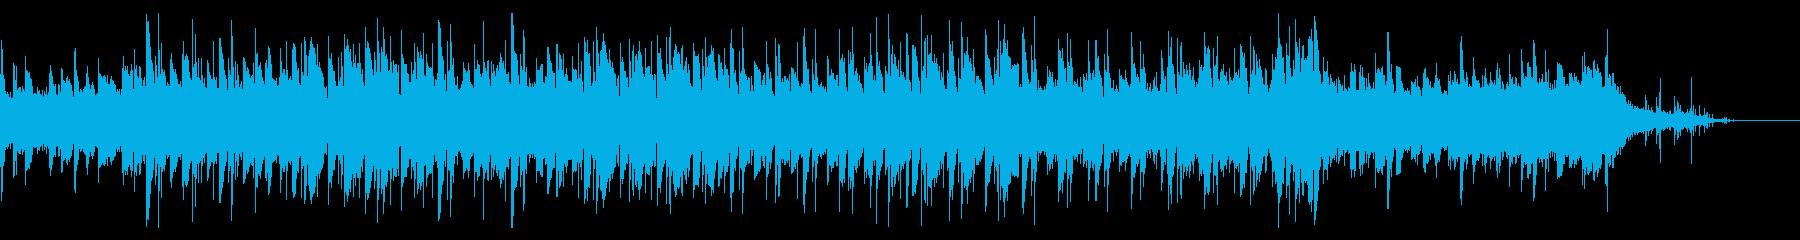 海底感のふわふわとしたコーラスの入った曲の再生済みの波形